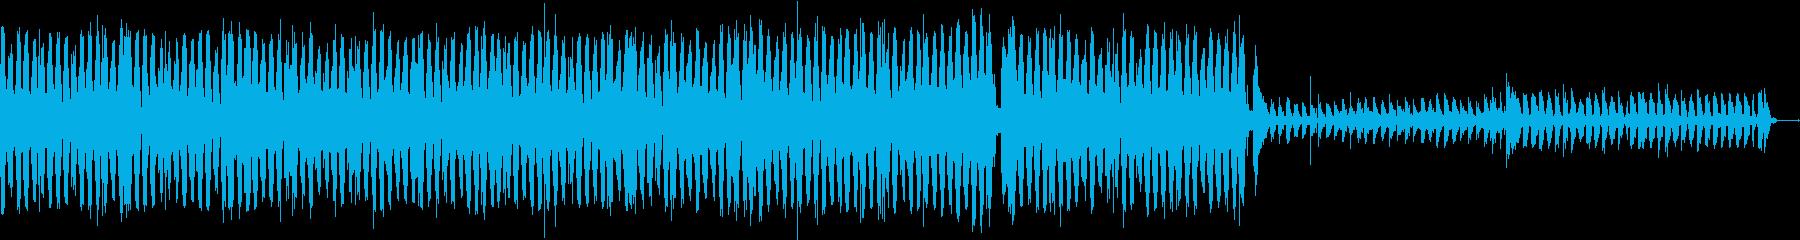 ビートの聴いたクールなリズムトラックの再生済みの波形